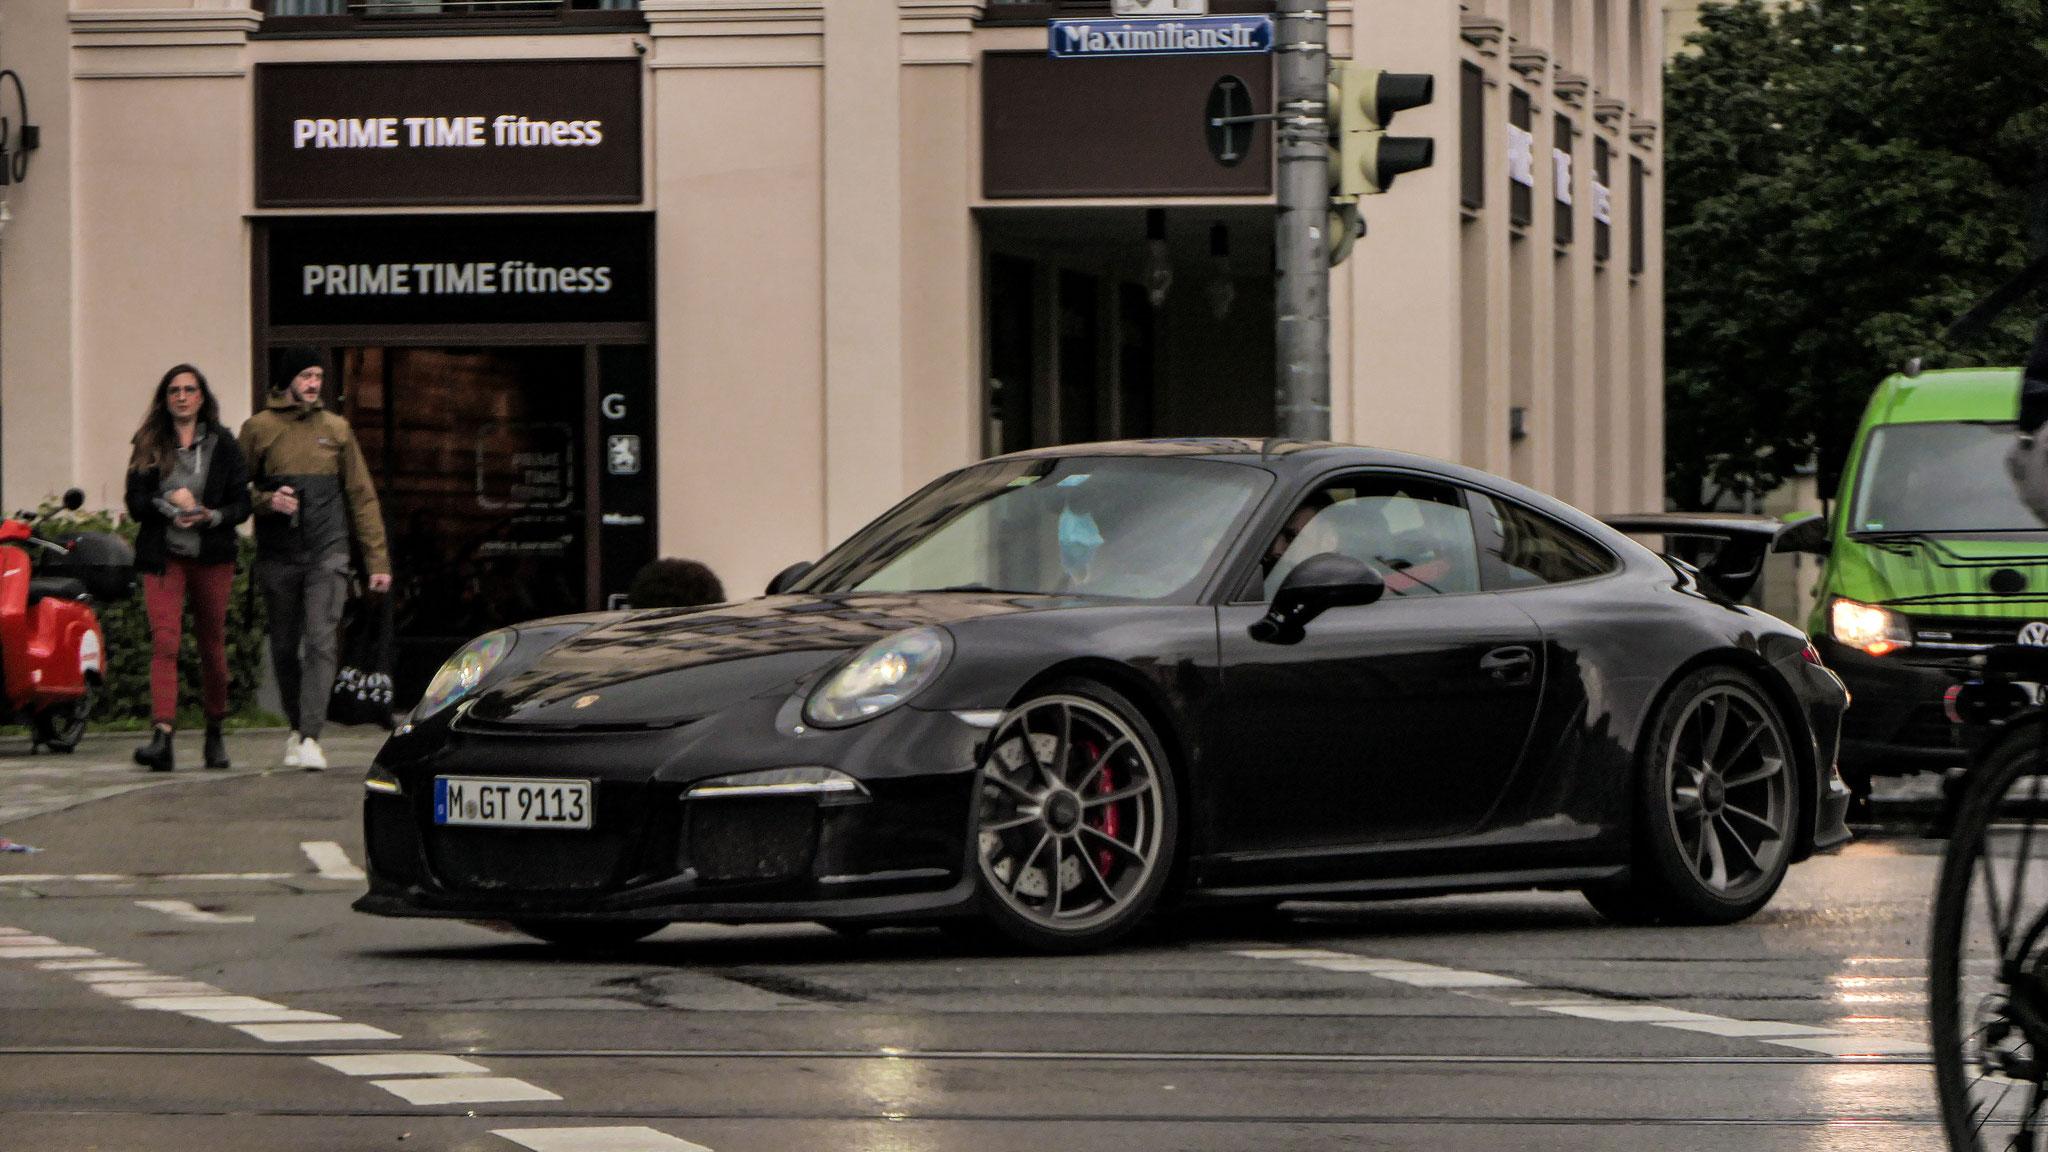 Porsche 991 GT3 - M-GT-9913